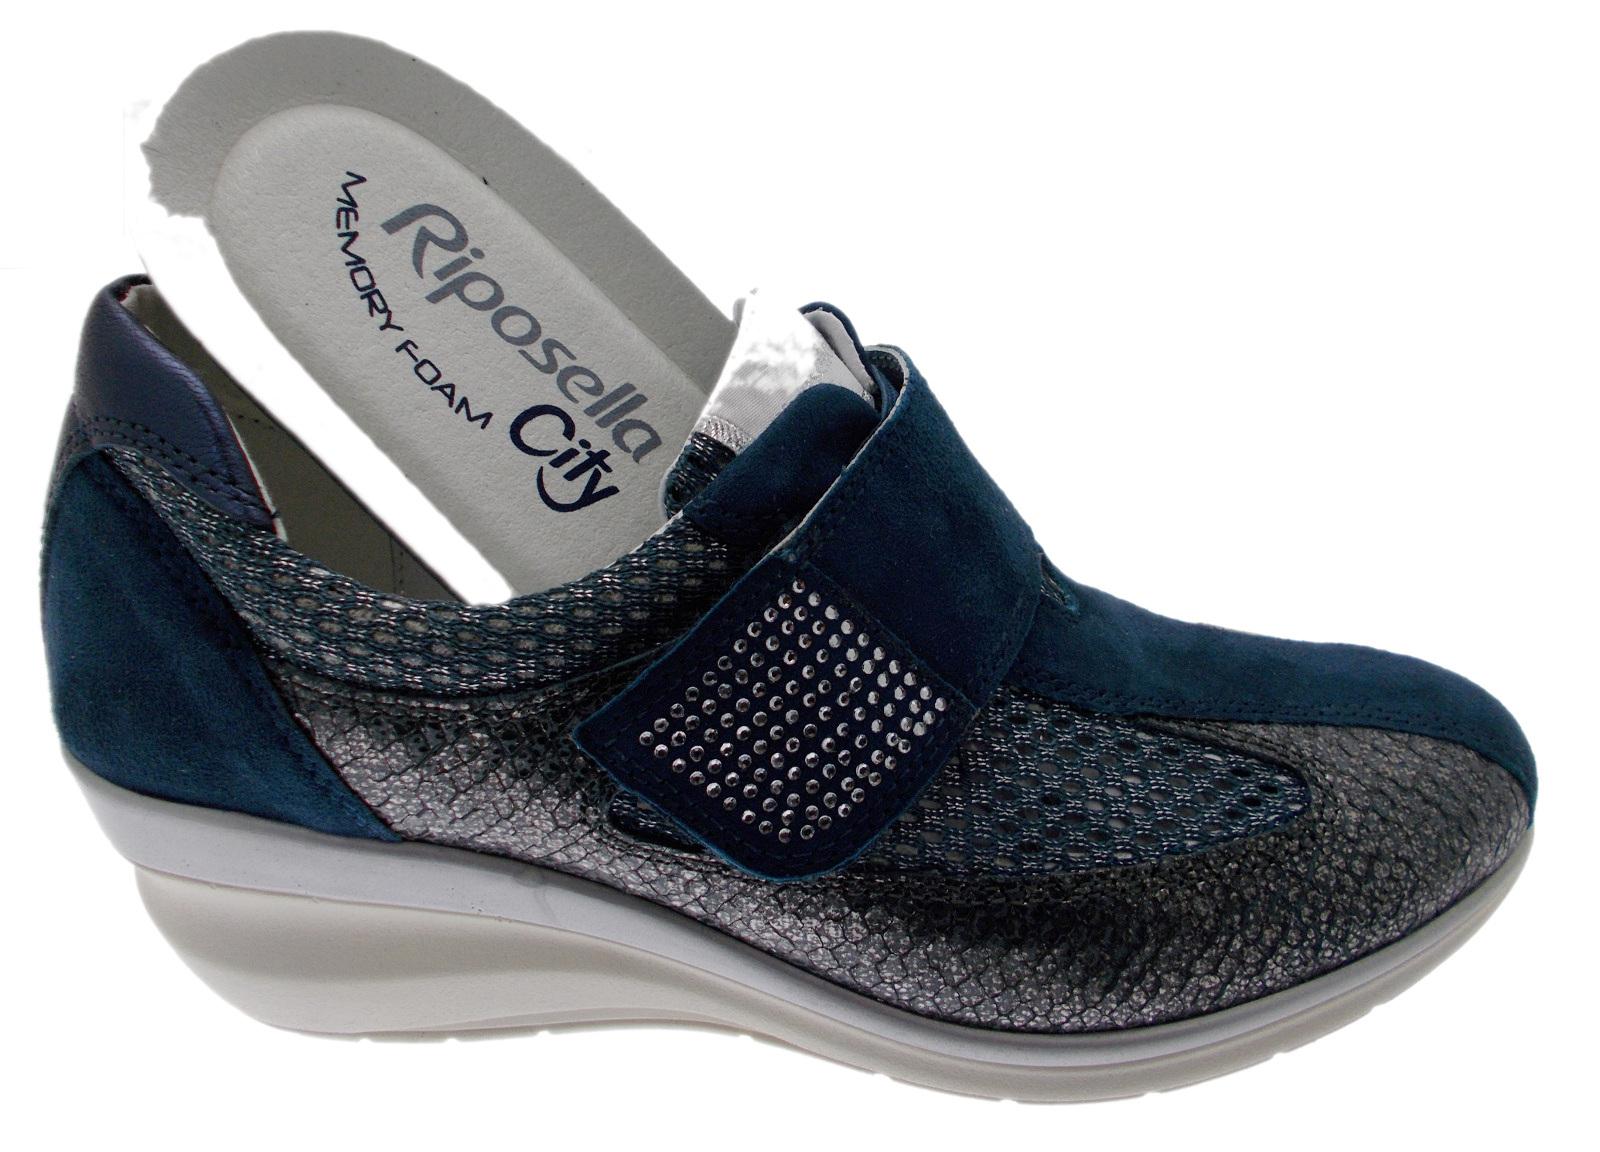 Strappo Sneaker Plantare Blu 76221 Riposella qx0R6t6w